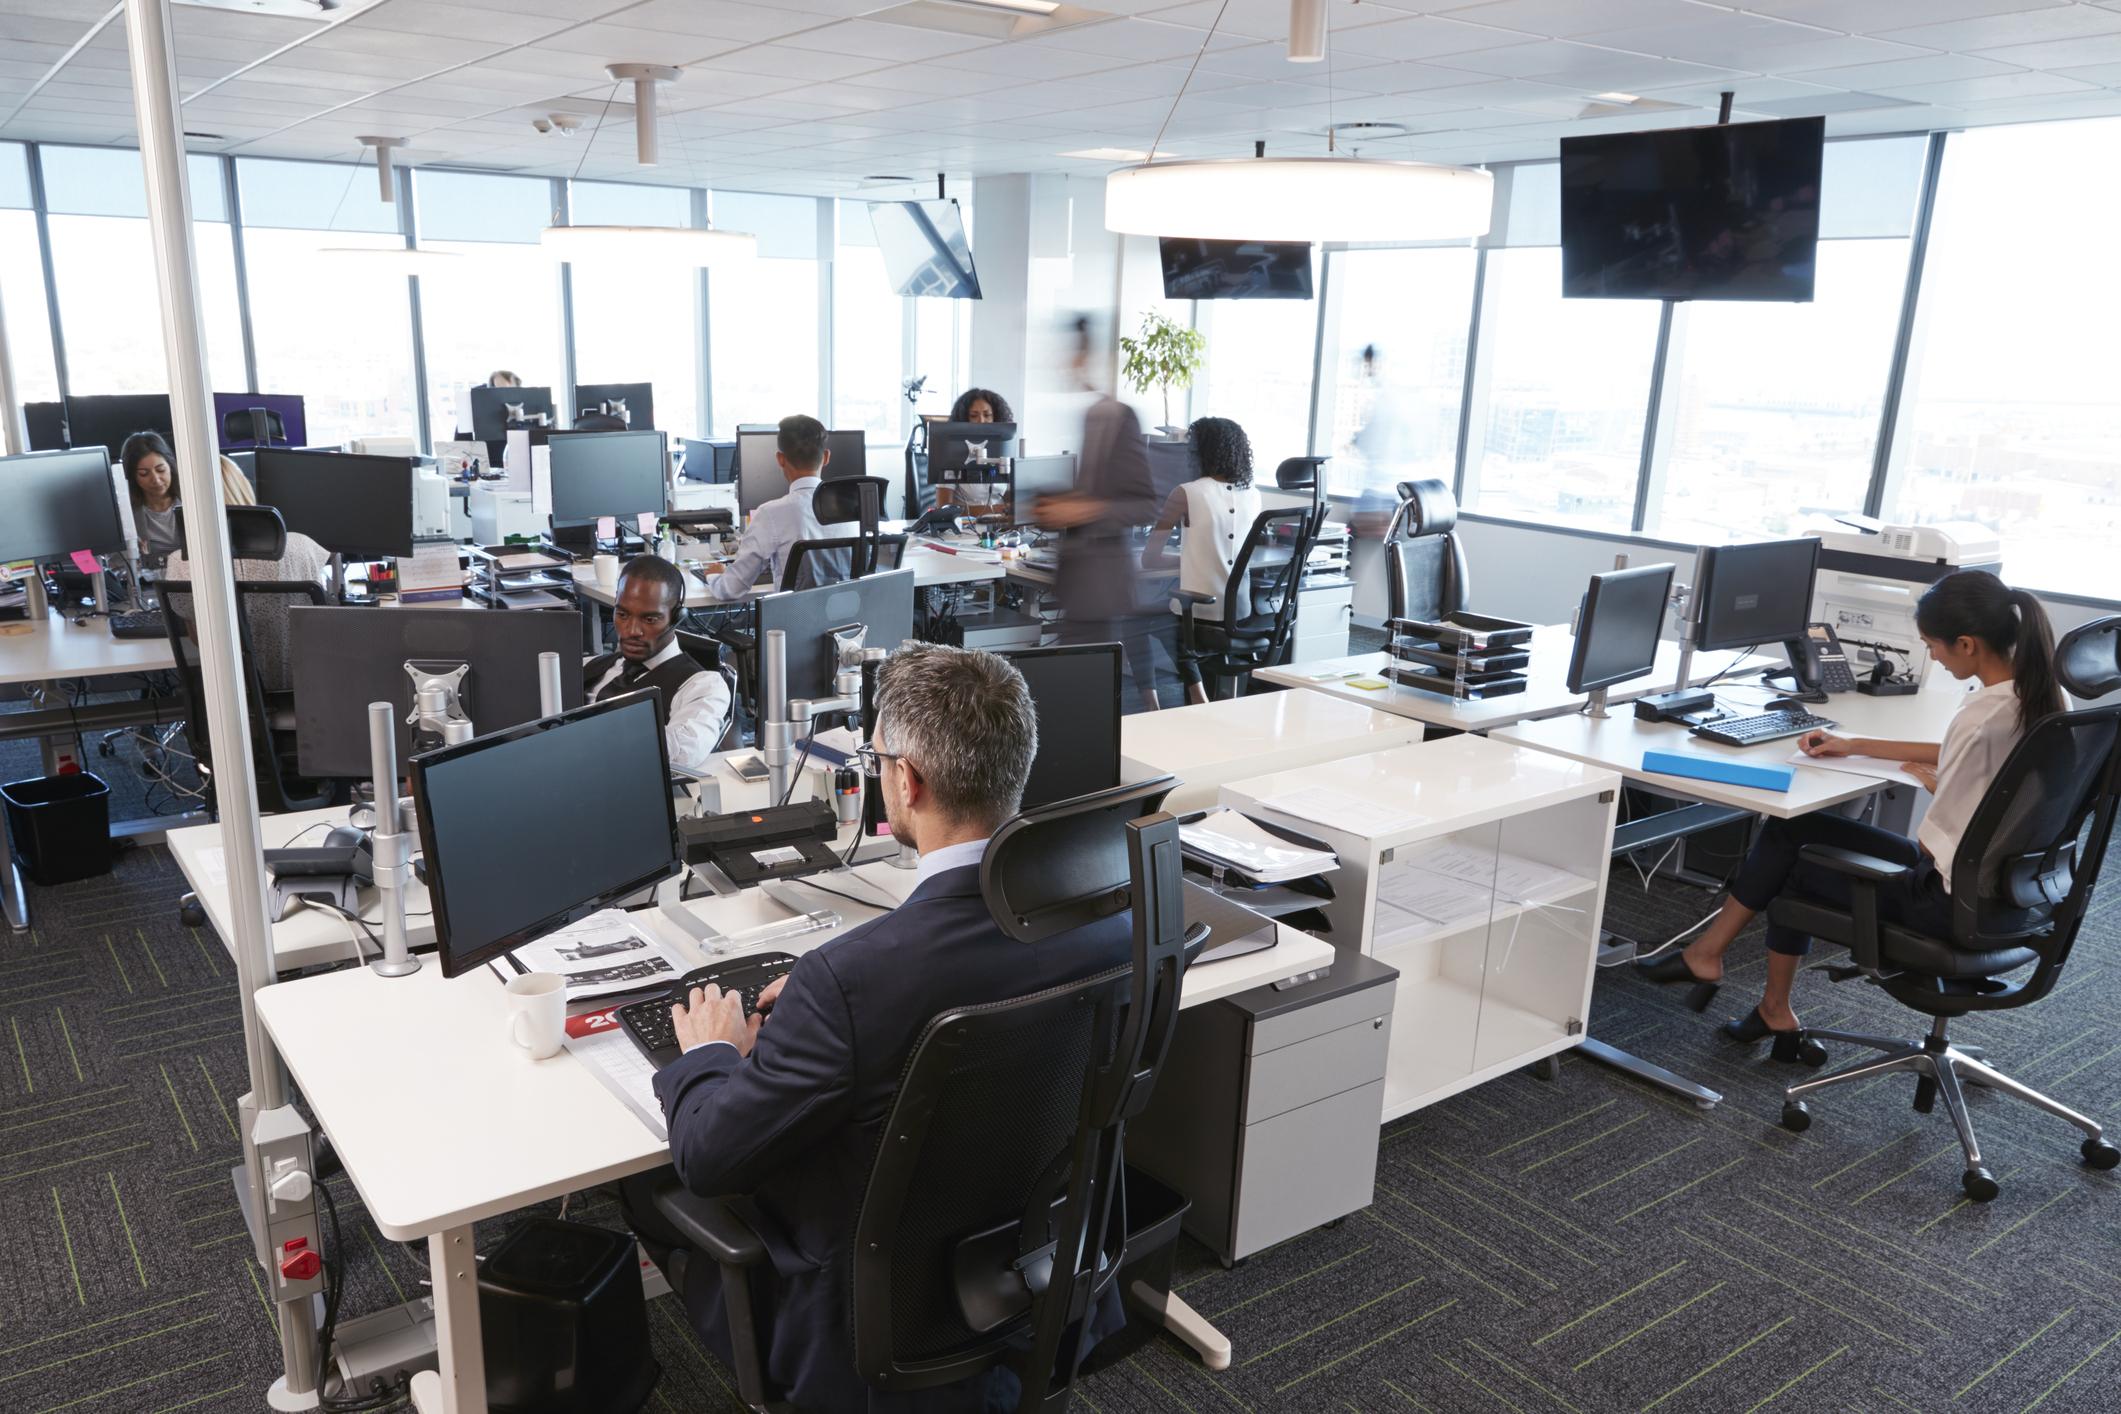 Ufficio Di Rappresentanza In Italia Dipendenti : Dvr ufficio: il sistema della sicurezza e i rischi per i lavoratori